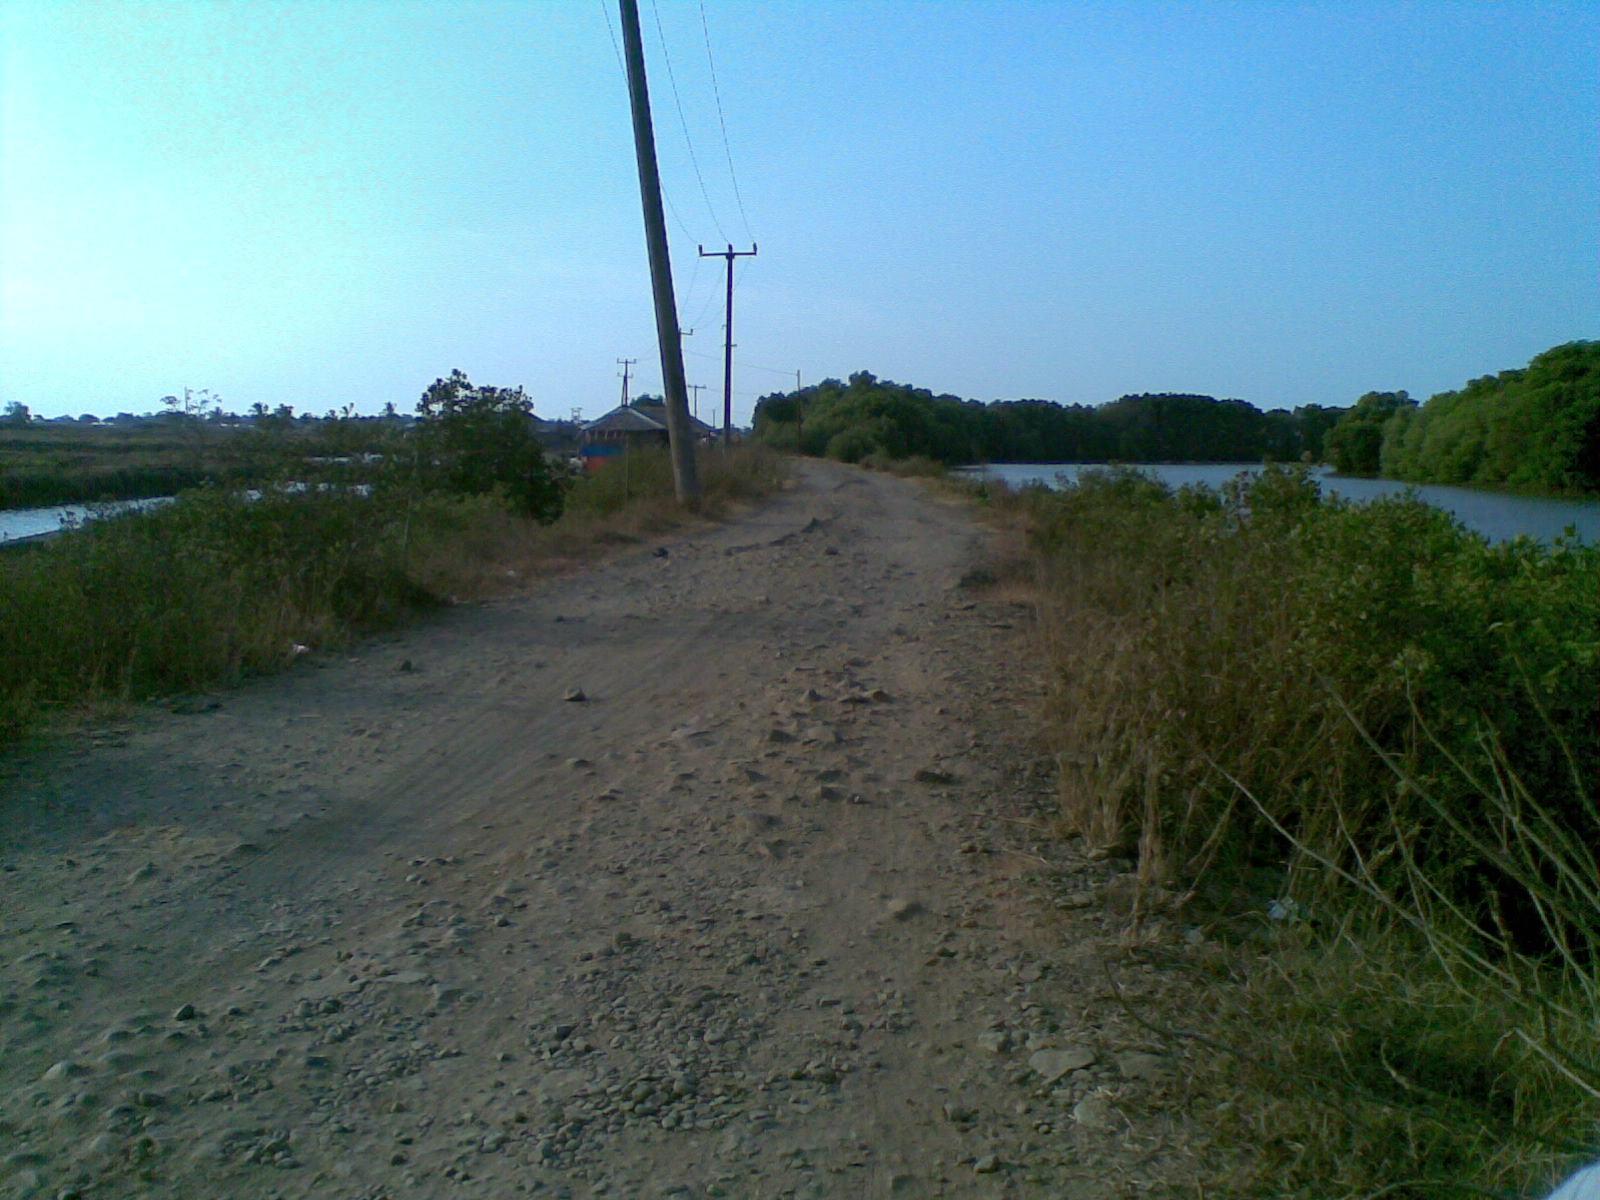 Pulau Cangkir Antara Tiada Oleh Cakra Inderasena Jalan Rusak Berbatu